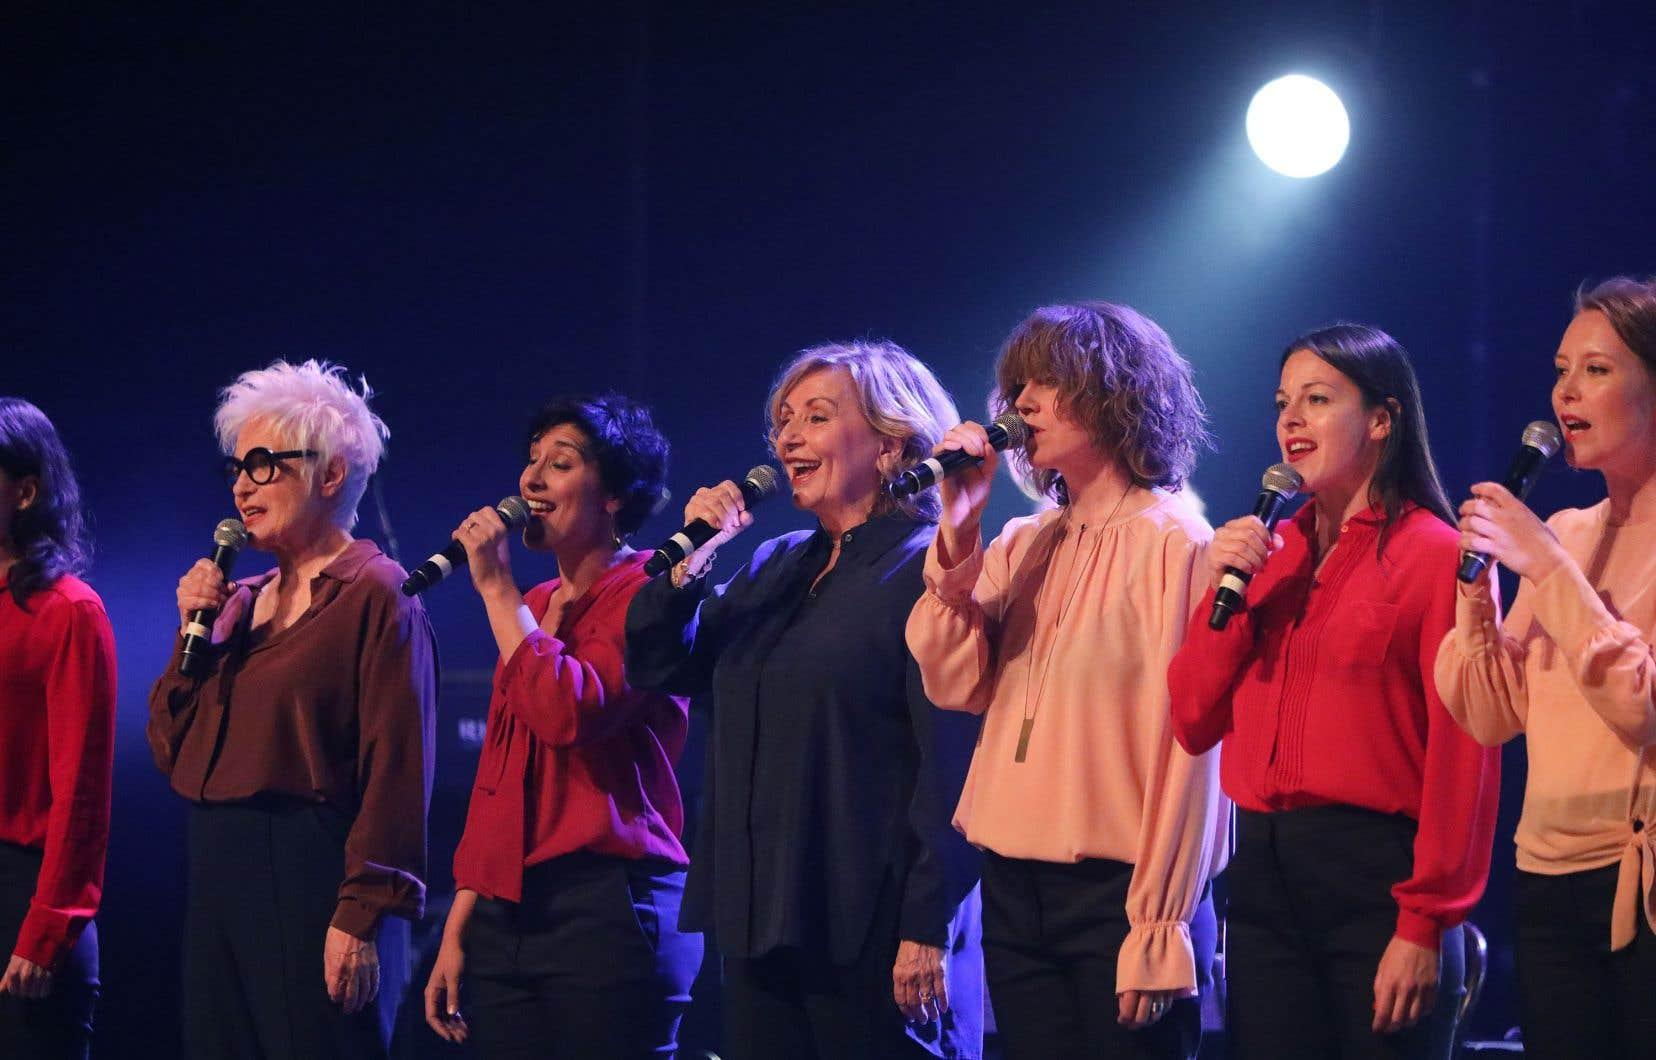 «Nous sommes la suite», ont lancé à l'unisson les quatorze femmes, chanteuses, musiciennes, comédiennes, réunies pour cette soirée d'hommage à Pauline Julien, vingt ans après sa mort.